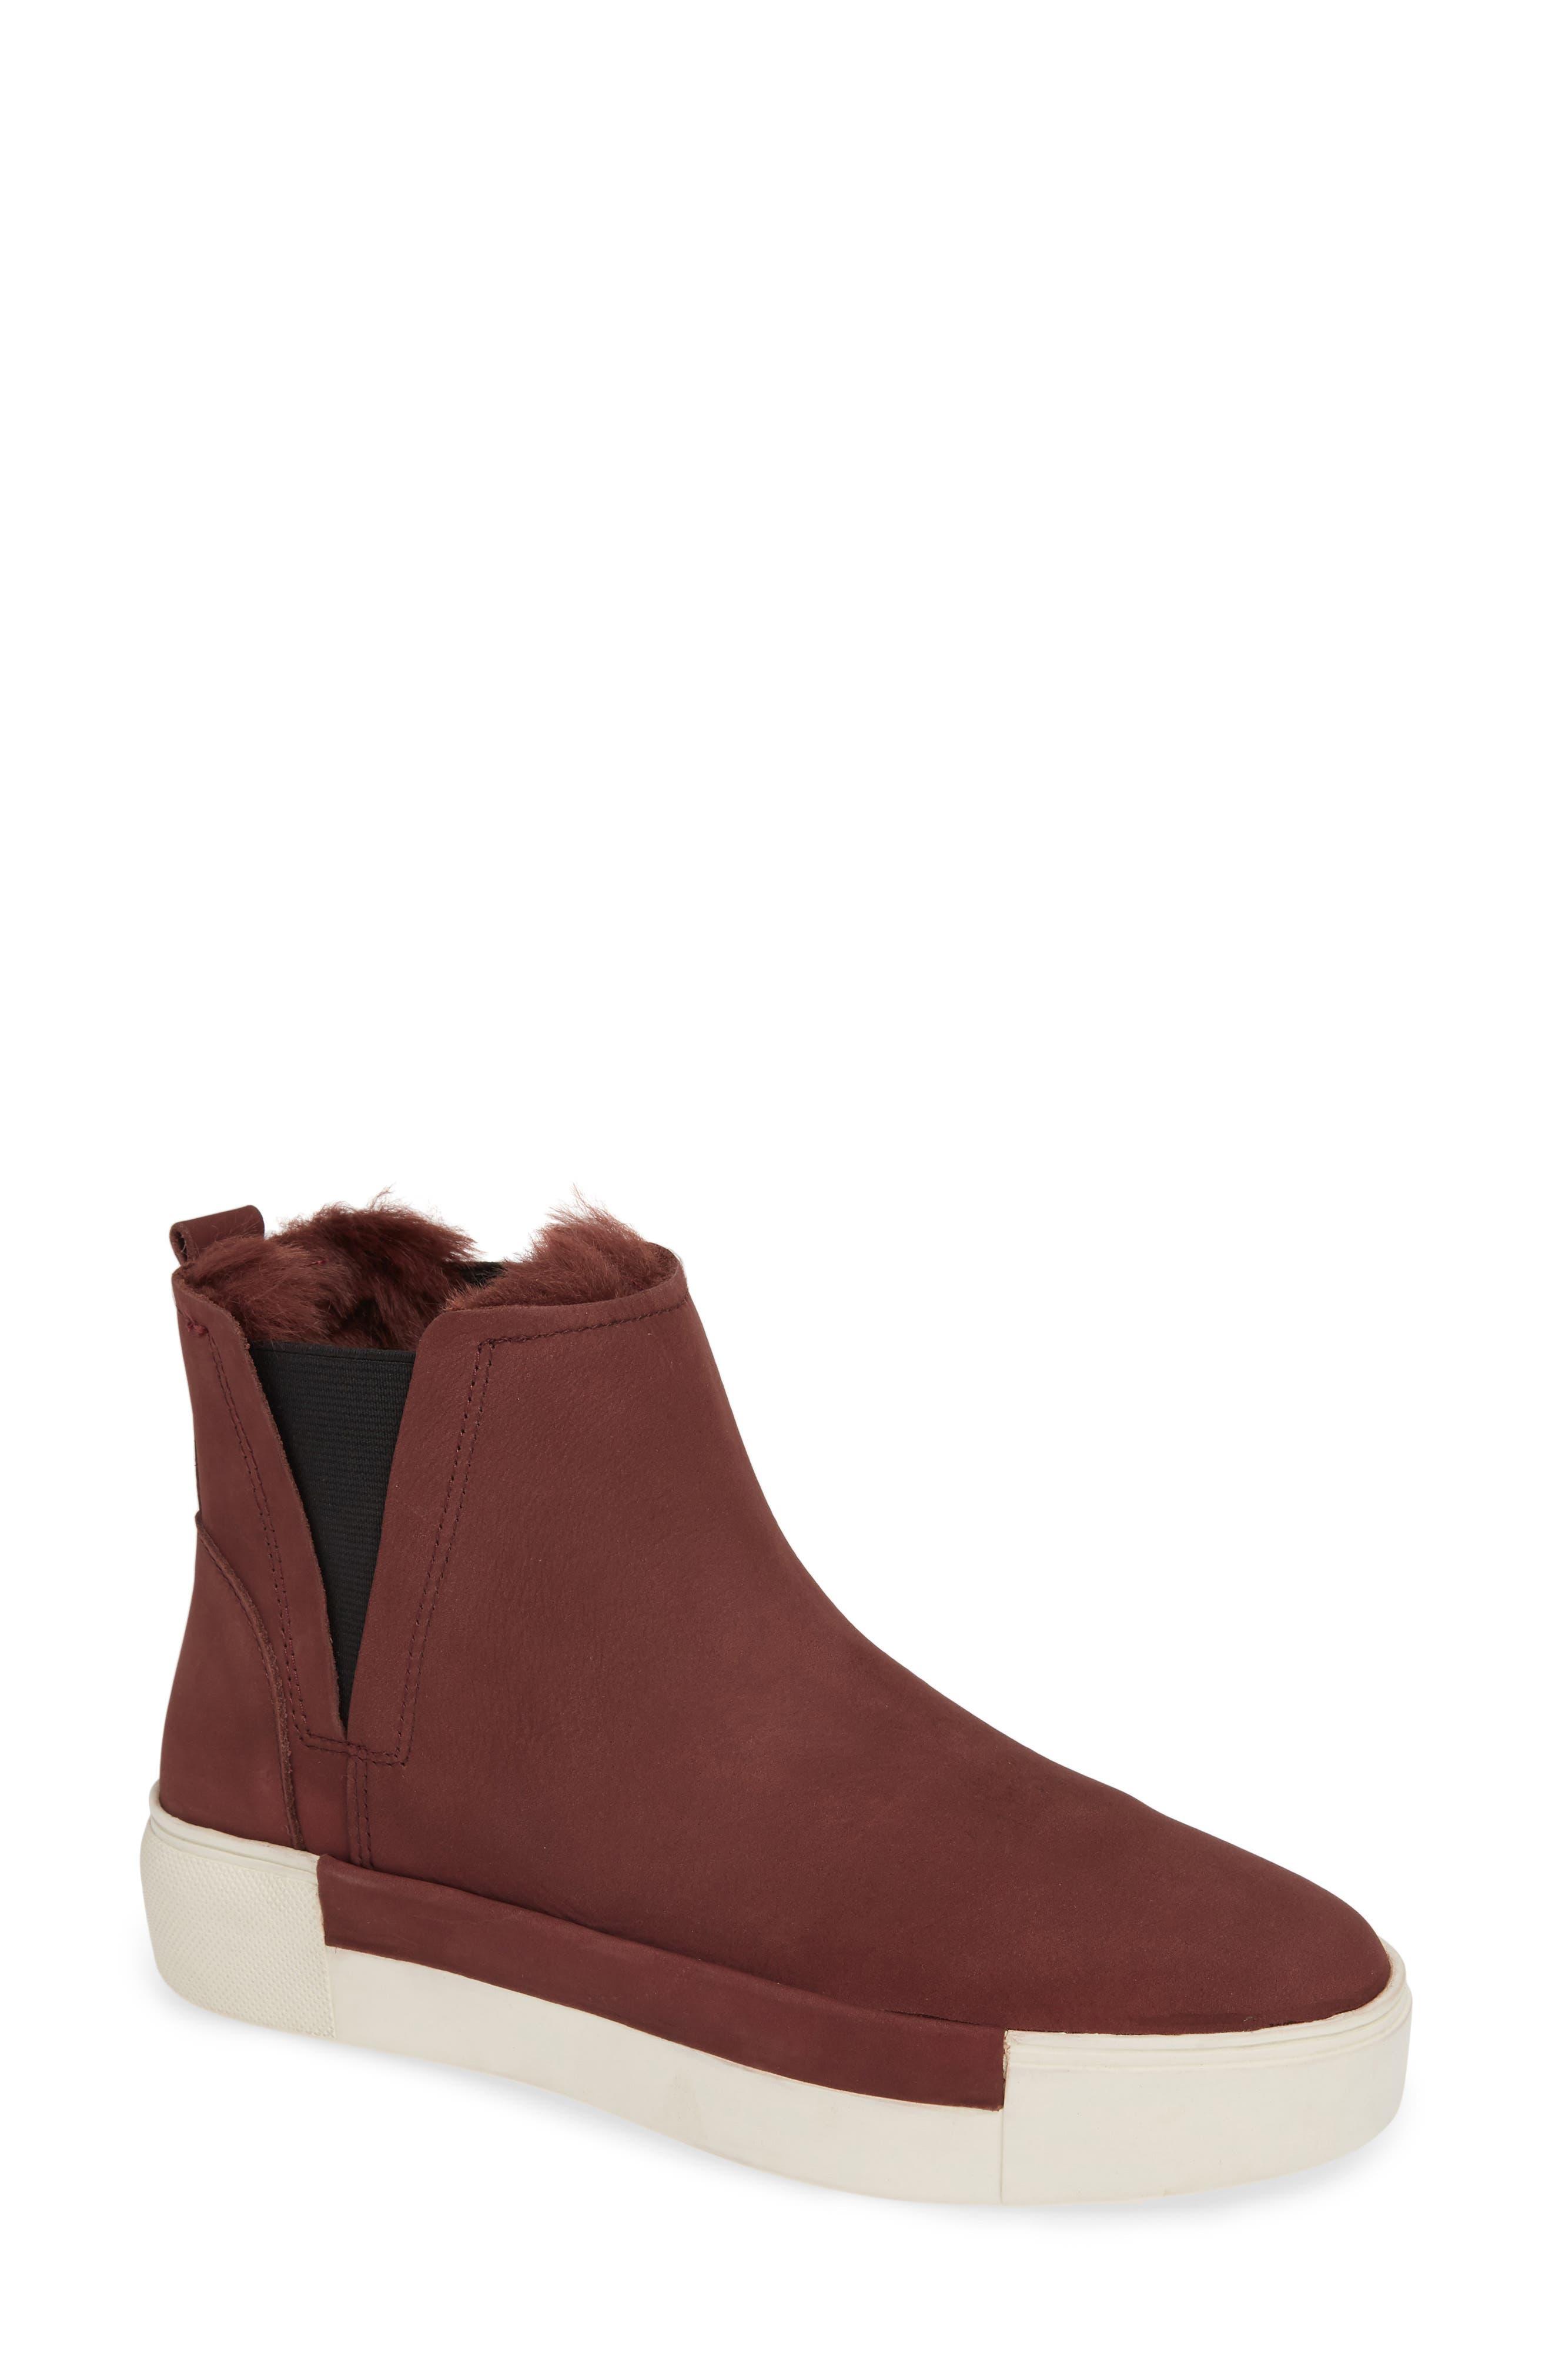 Jslides Val Faux Fur Lined Platform Sneaker, Burgundy